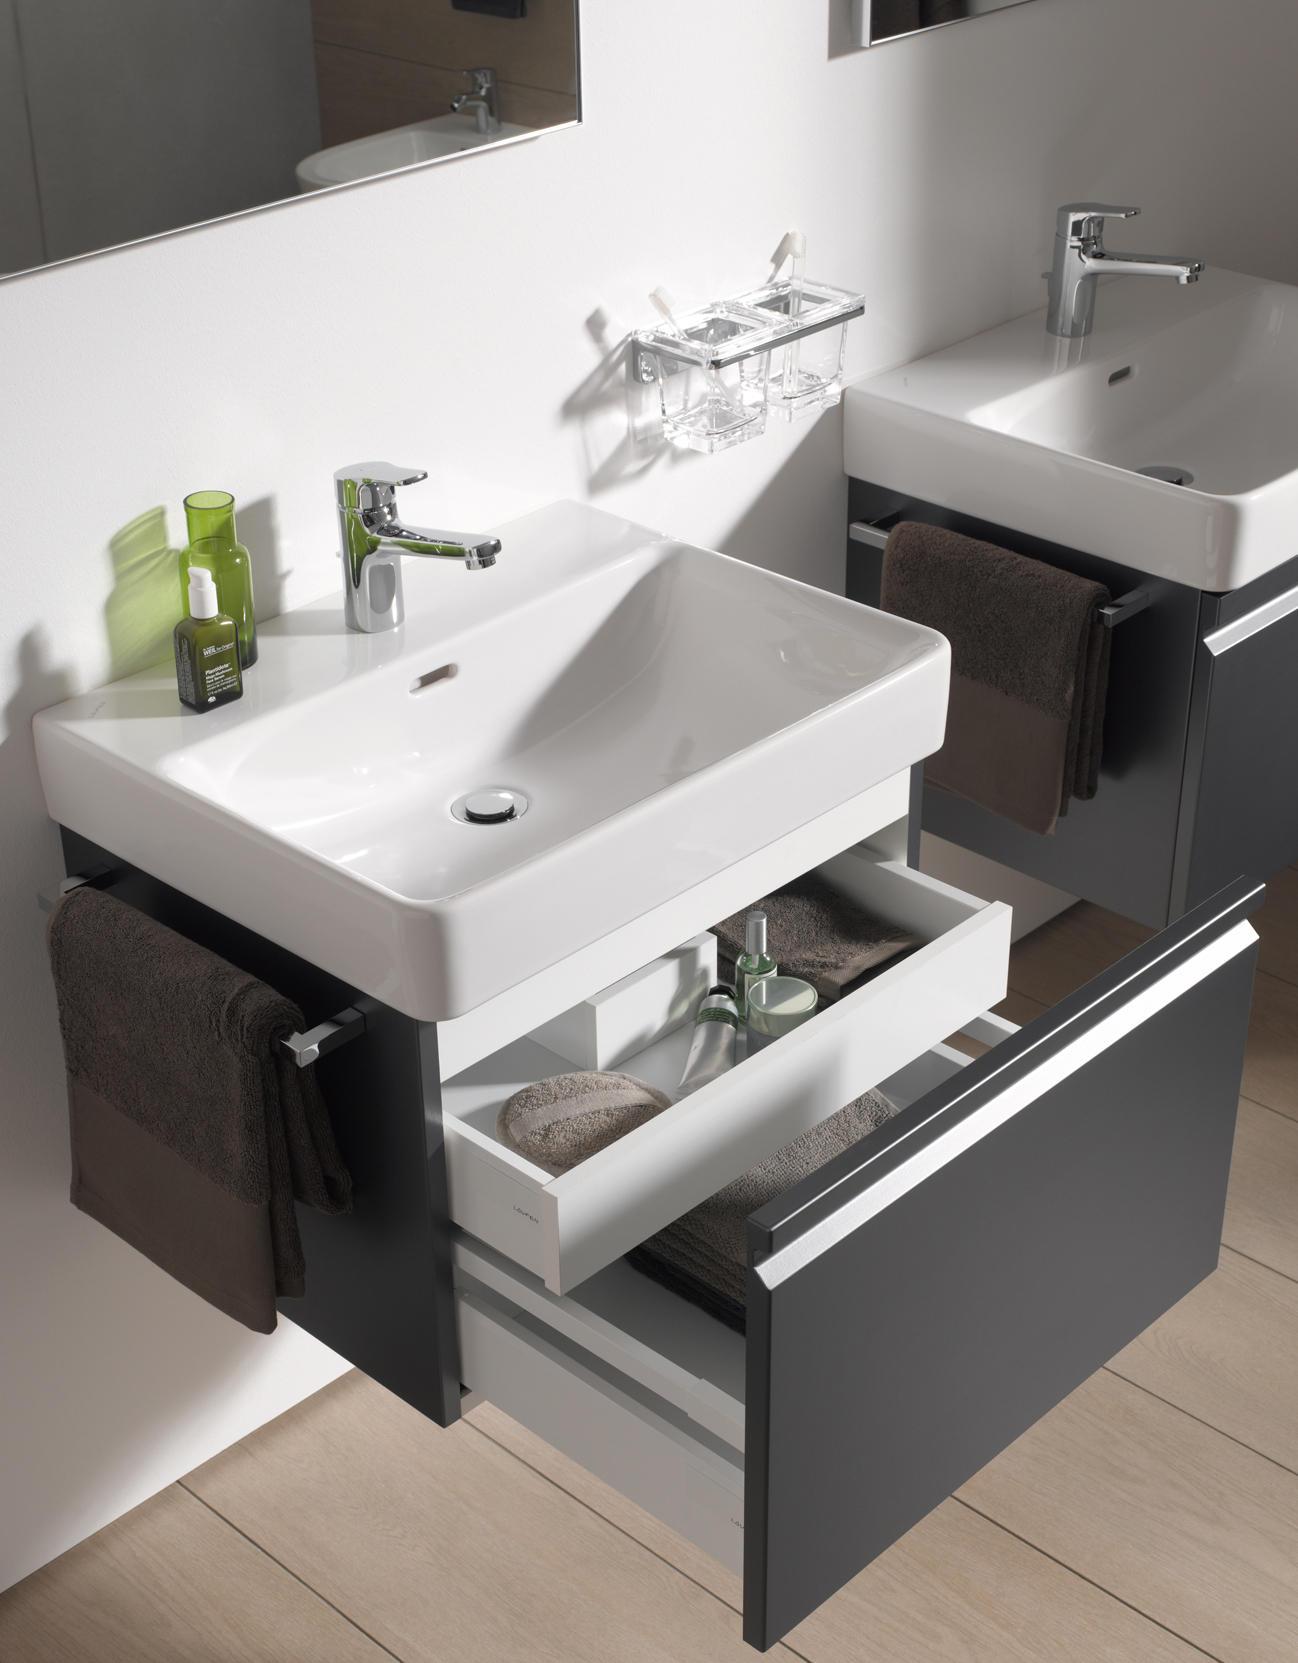 laufen pro s waschtischunterbau waschtischunterschr nke von laufen architonic. Black Bedroom Furniture Sets. Home Design Ideas